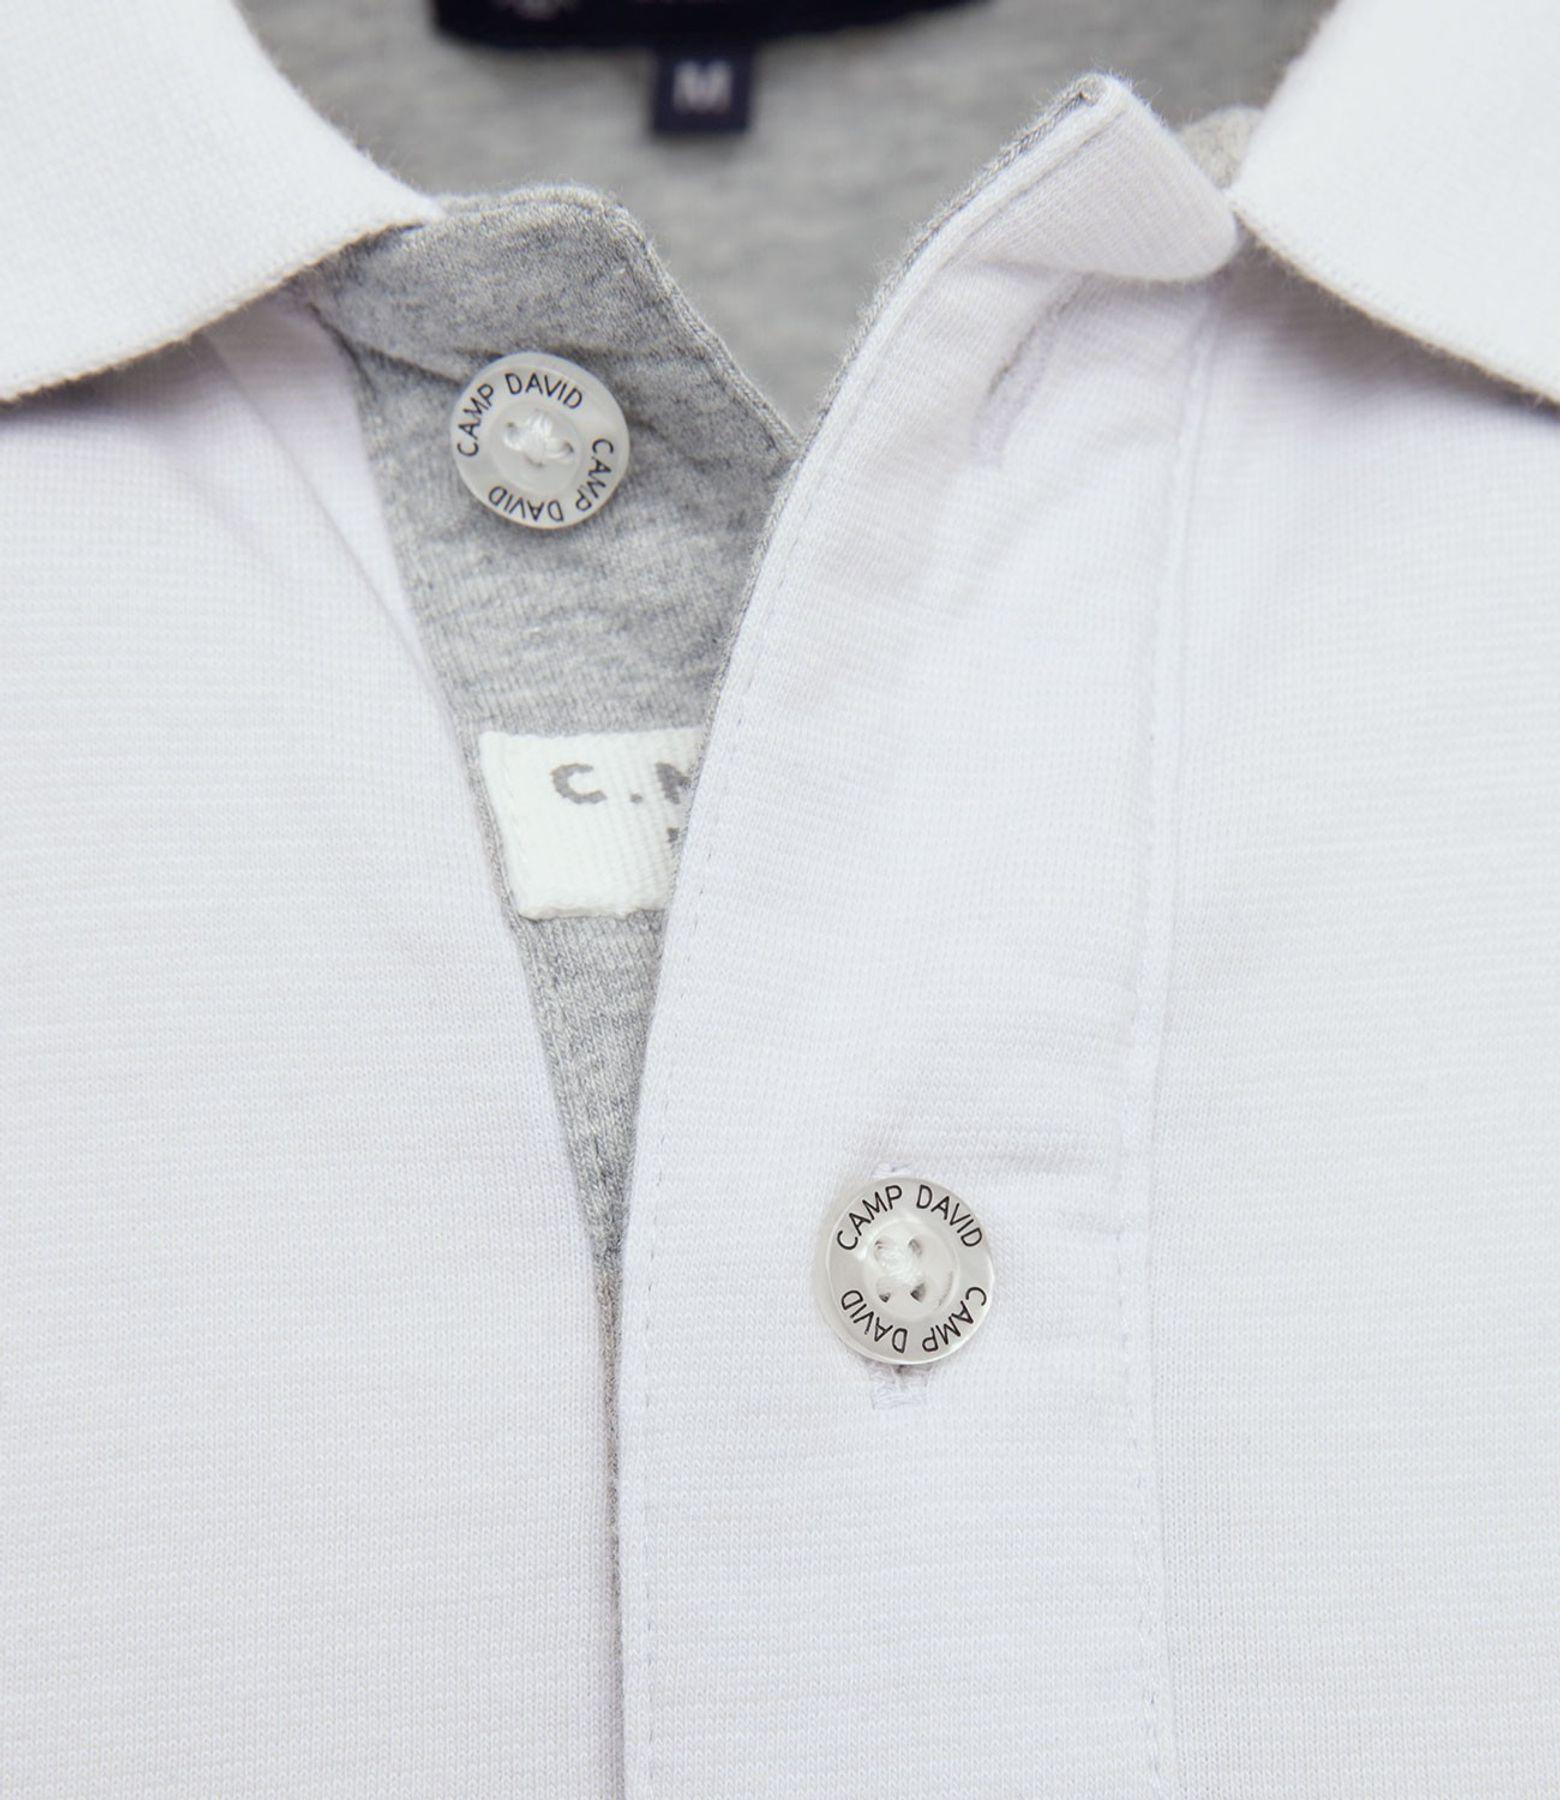 Camp David - Herren Polo-shirt in verschiedenen Farben, (CHS-1804-3027)  – Bild 7